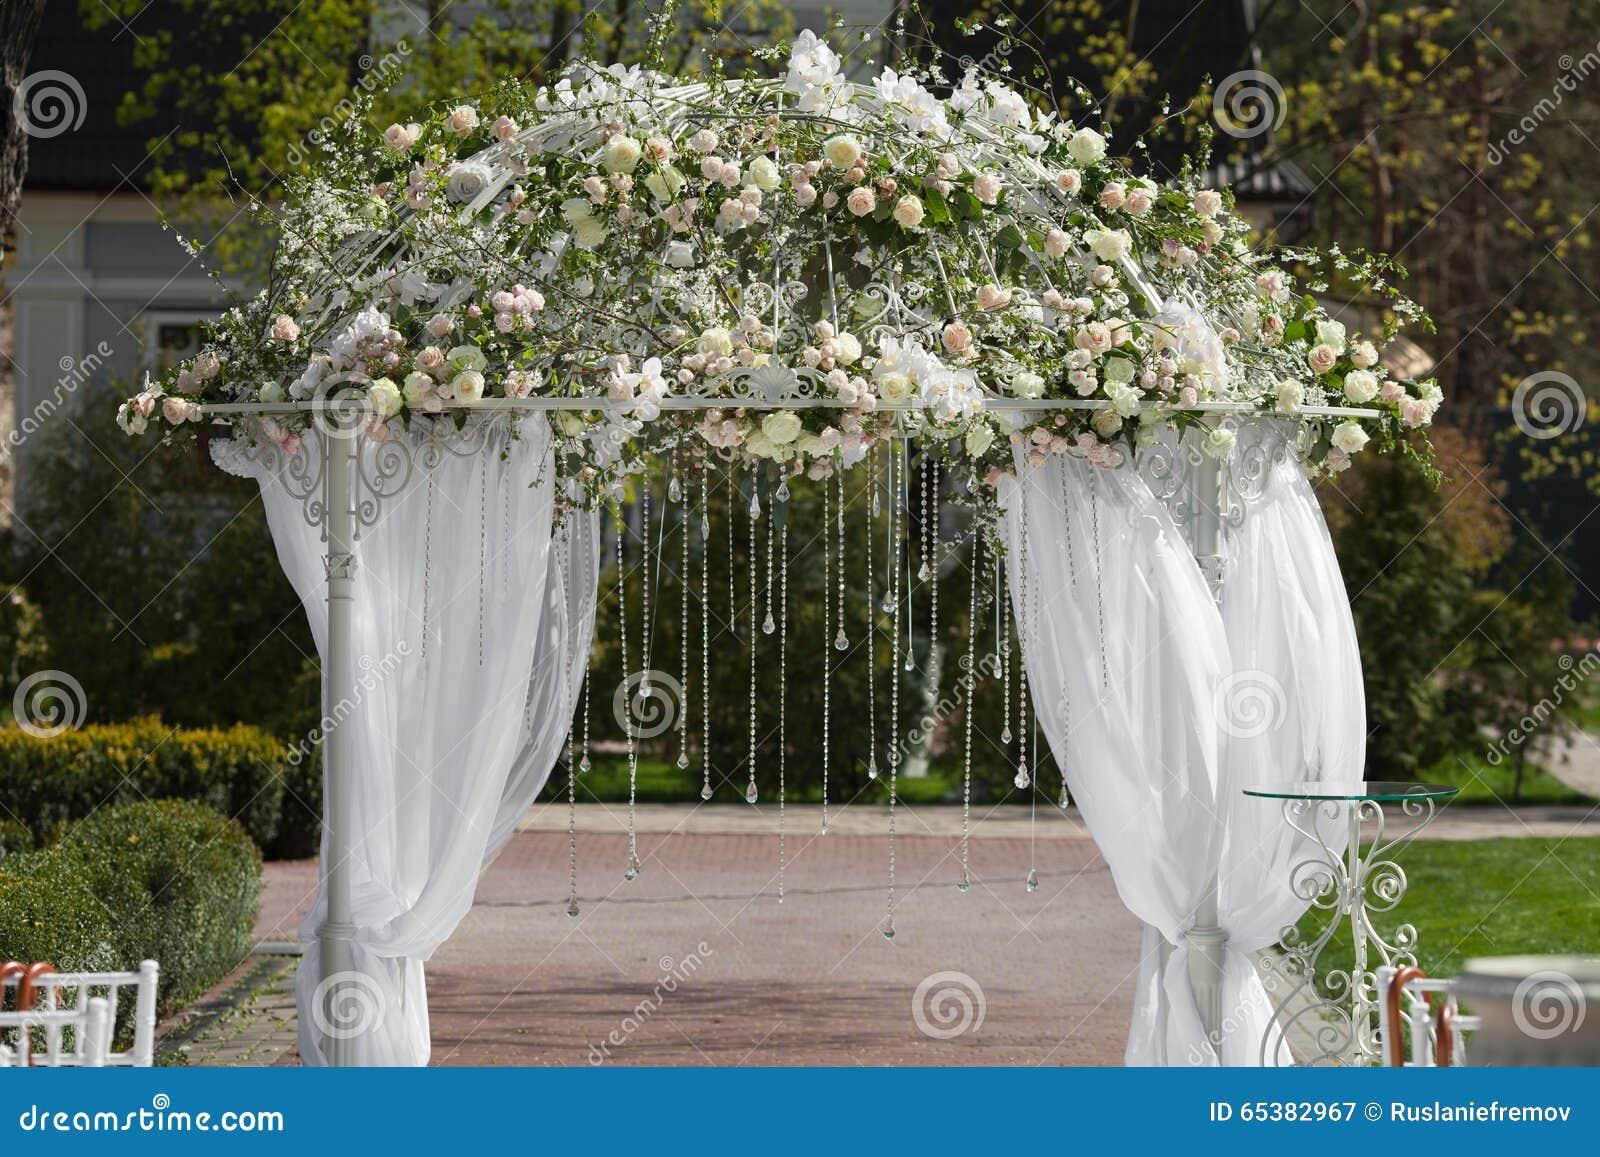 Arcos para jardin relax en jardn arco de madera para for Arcos para jardin